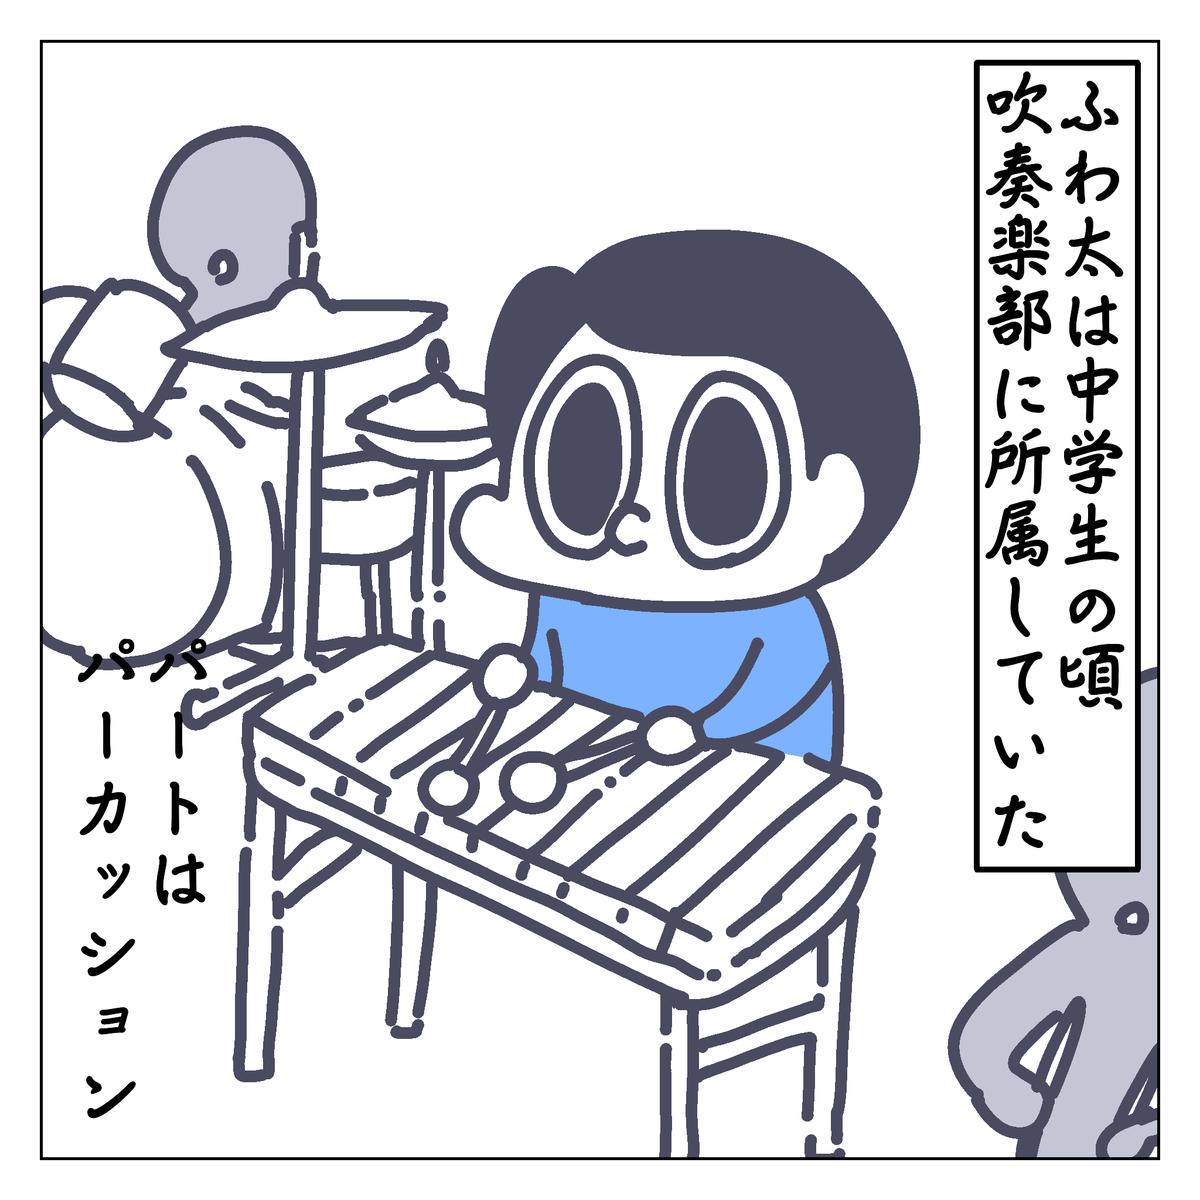 f:id:YuruFuwaTa:20200518121301p:plain